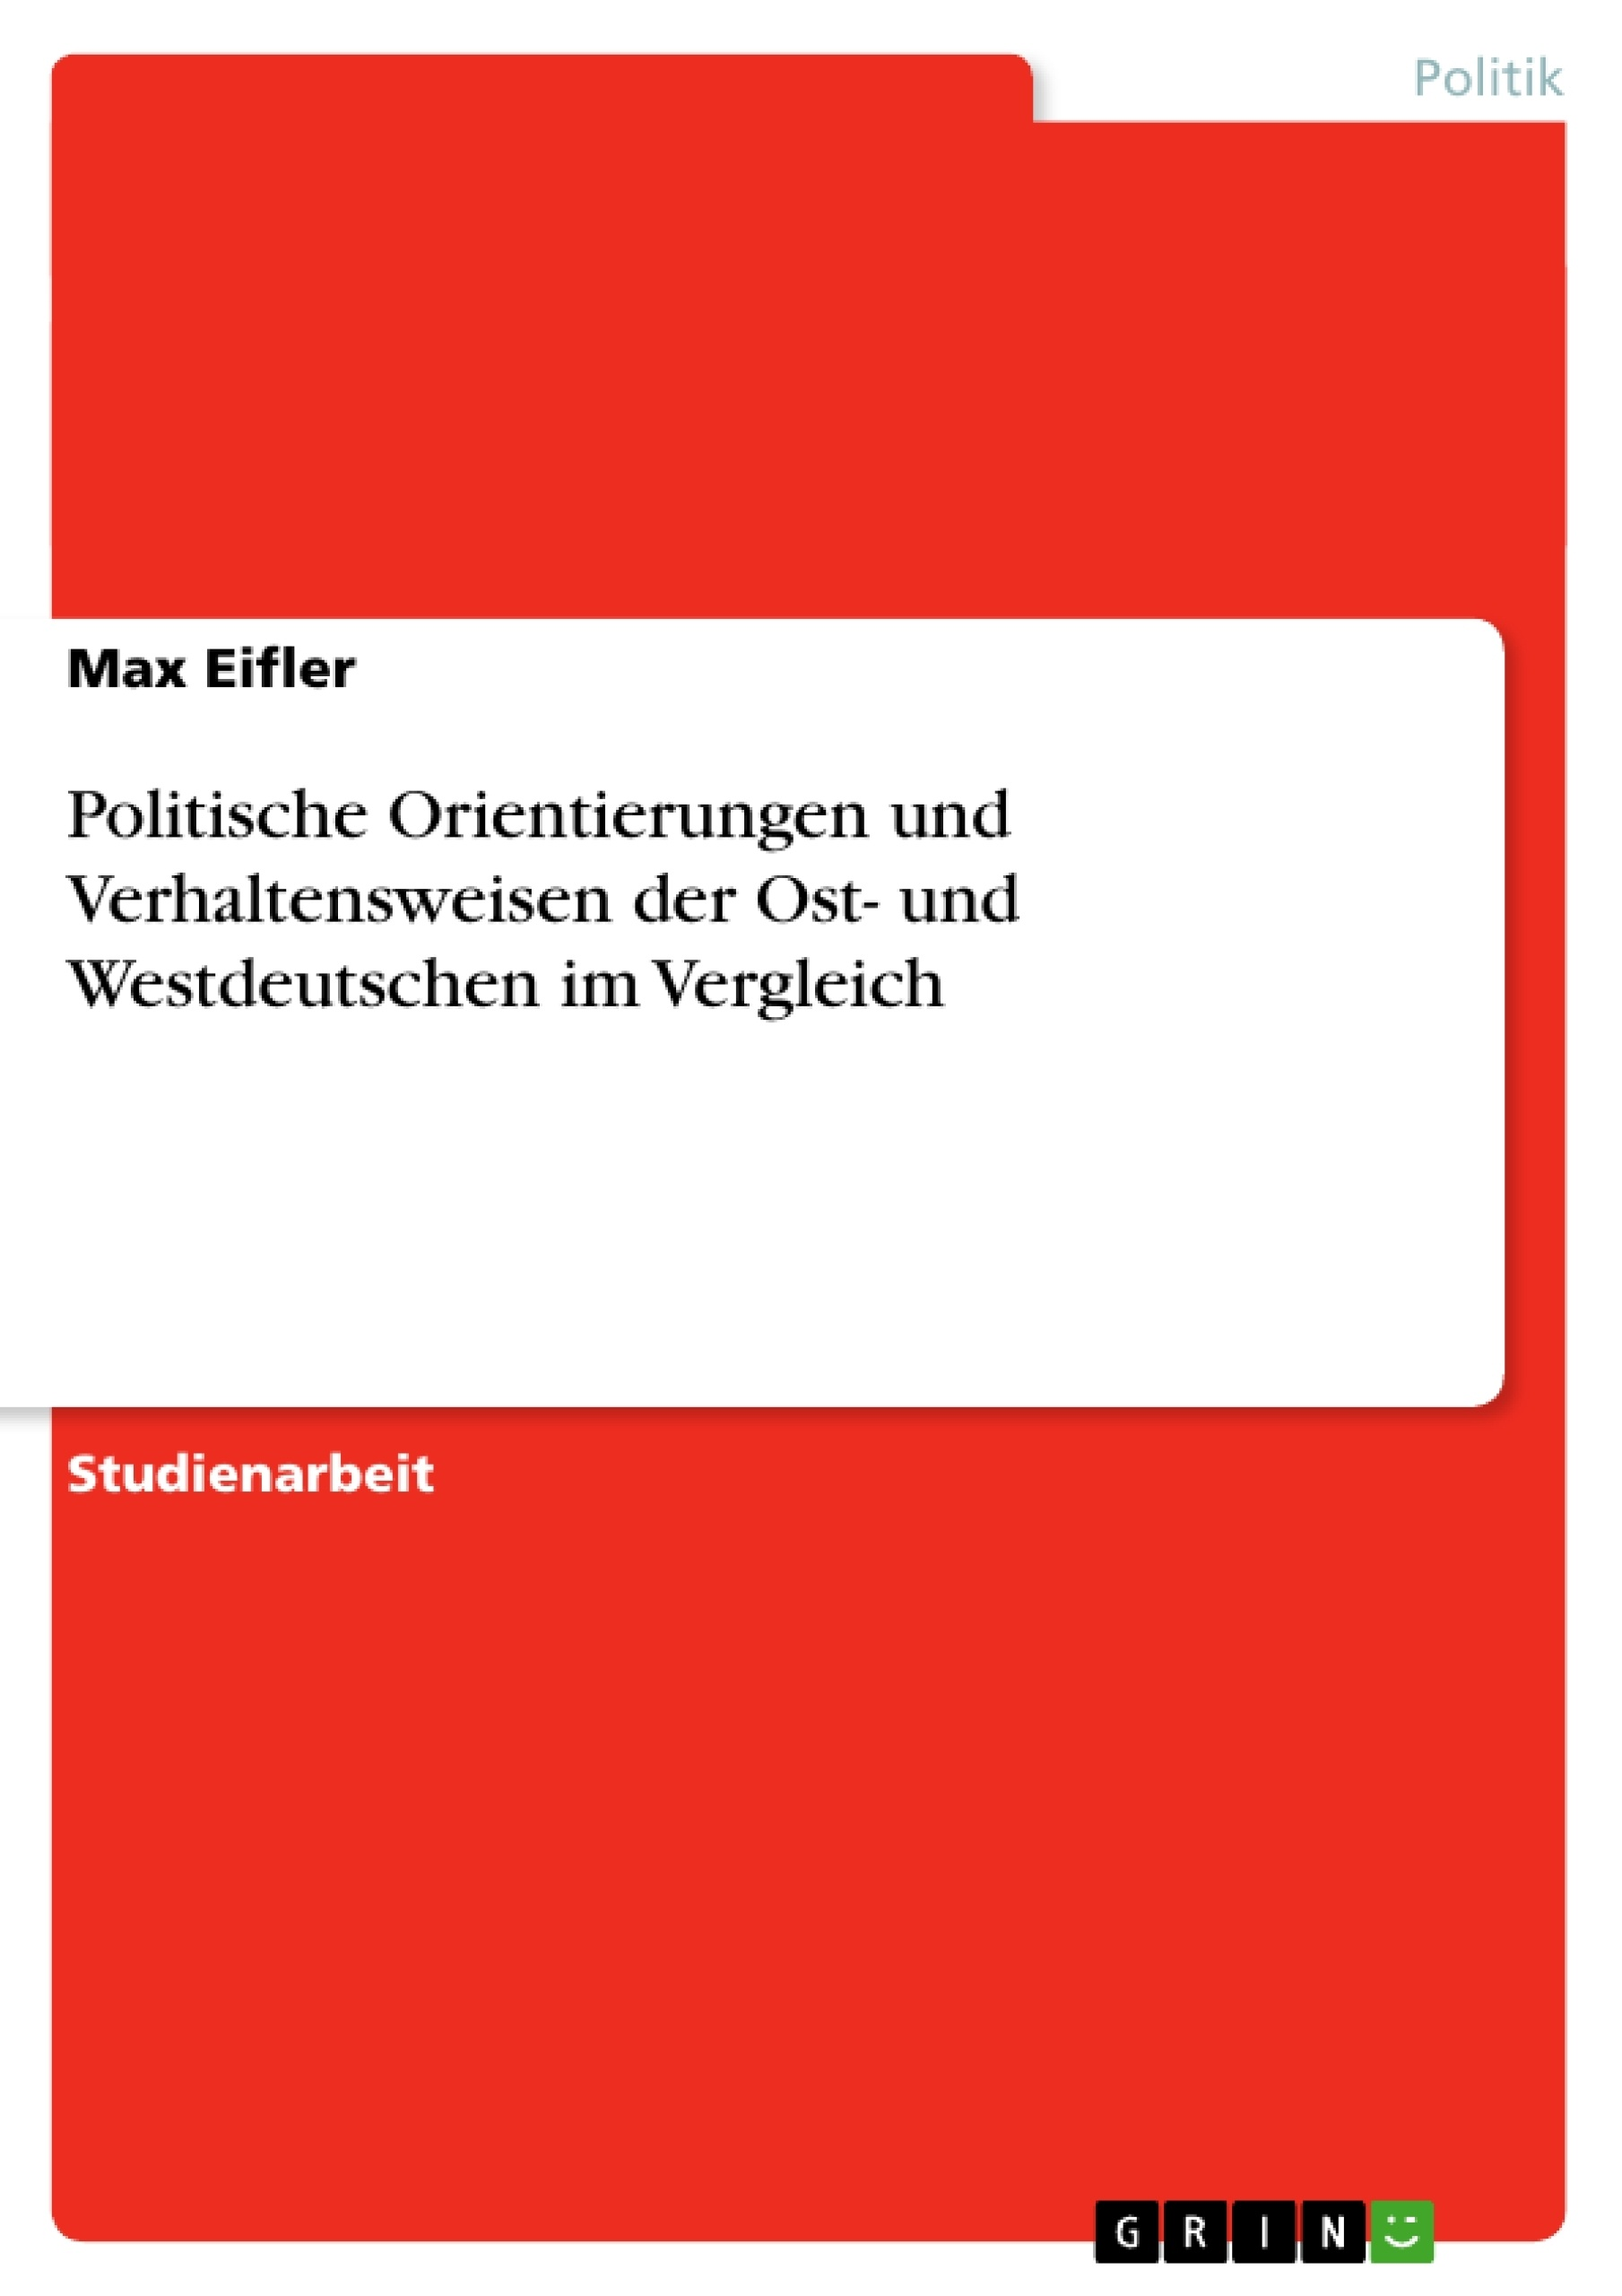 Titel: Politische Orientierungen und Verhaltensweisen der Ost- und Westdeutschen im Vergleich